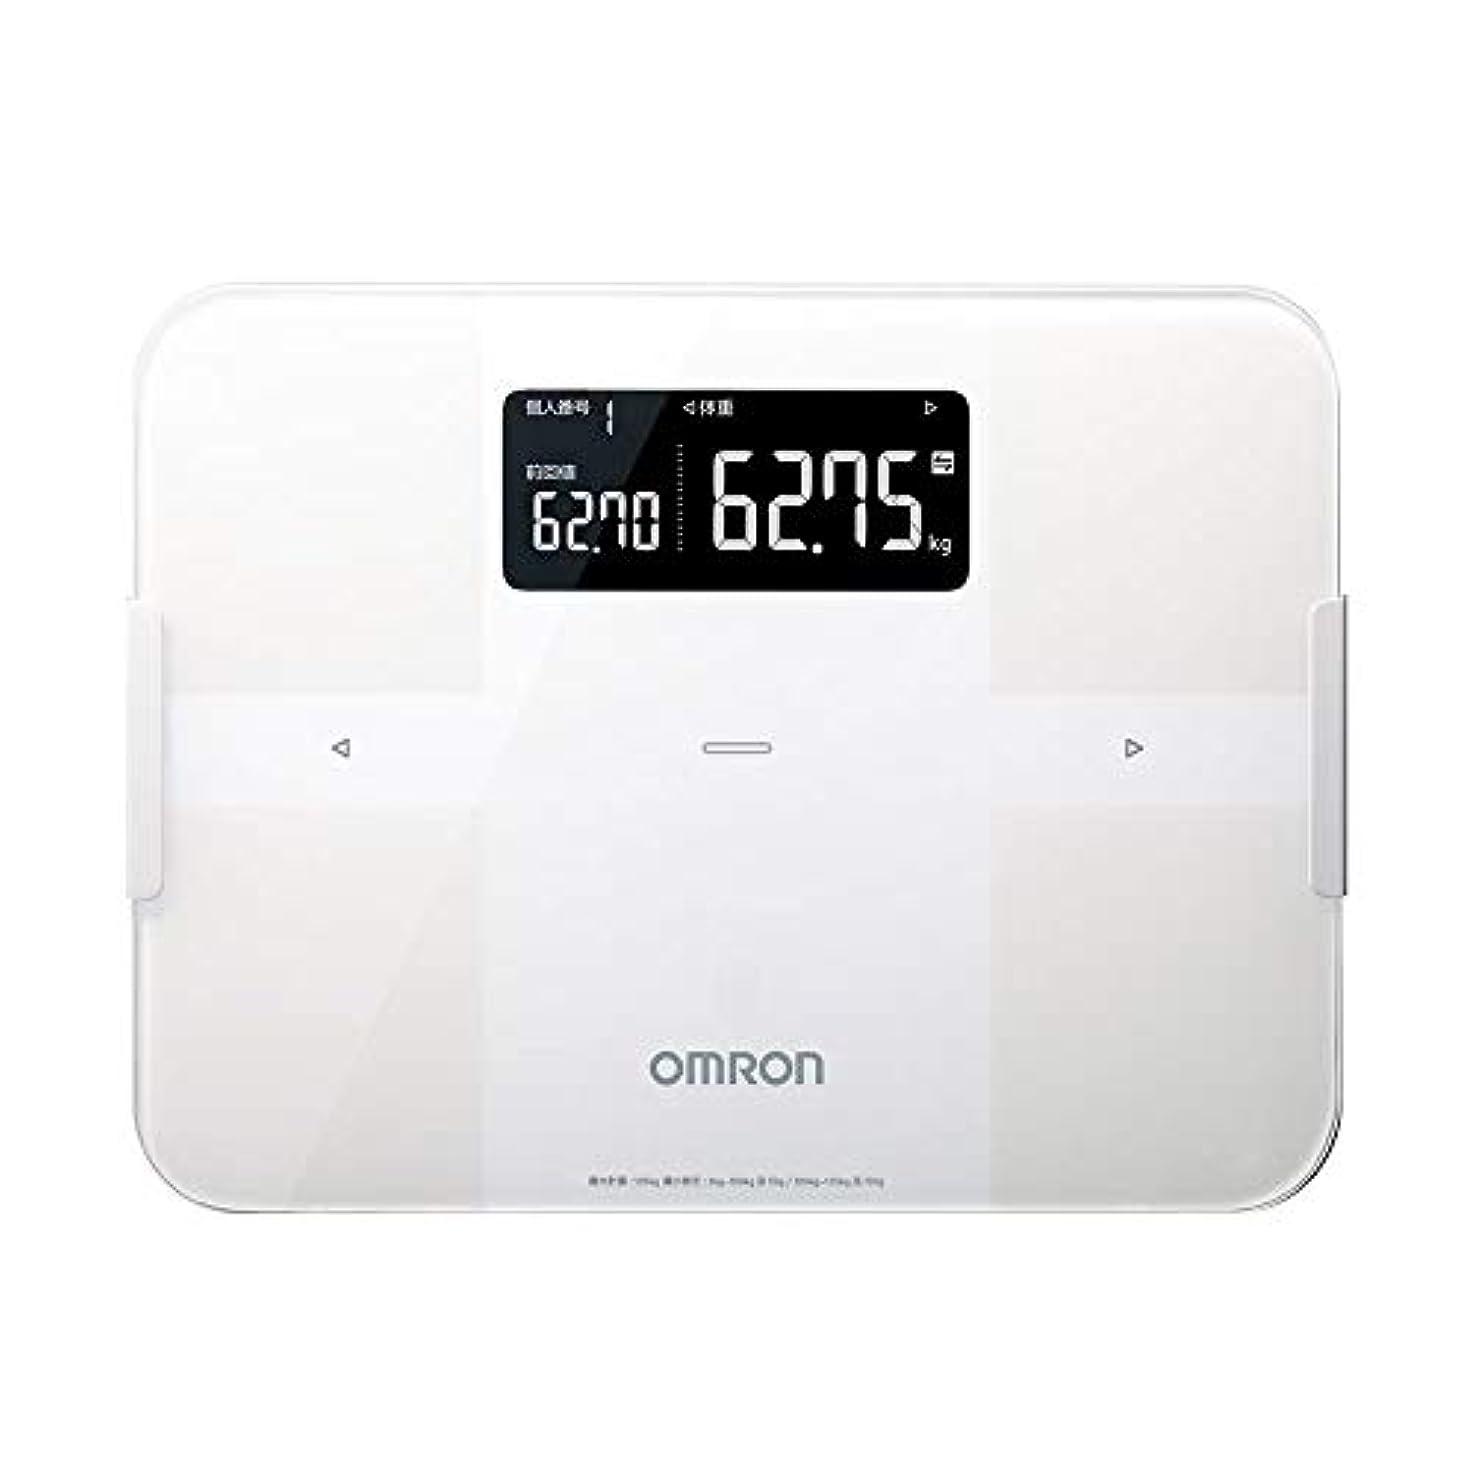 挨拶する鋭く宙返りオムロン 体重?体組成計 カラダスキャン スマホアプリ/OMRON connect対応 ホワイト HBF-256T-W